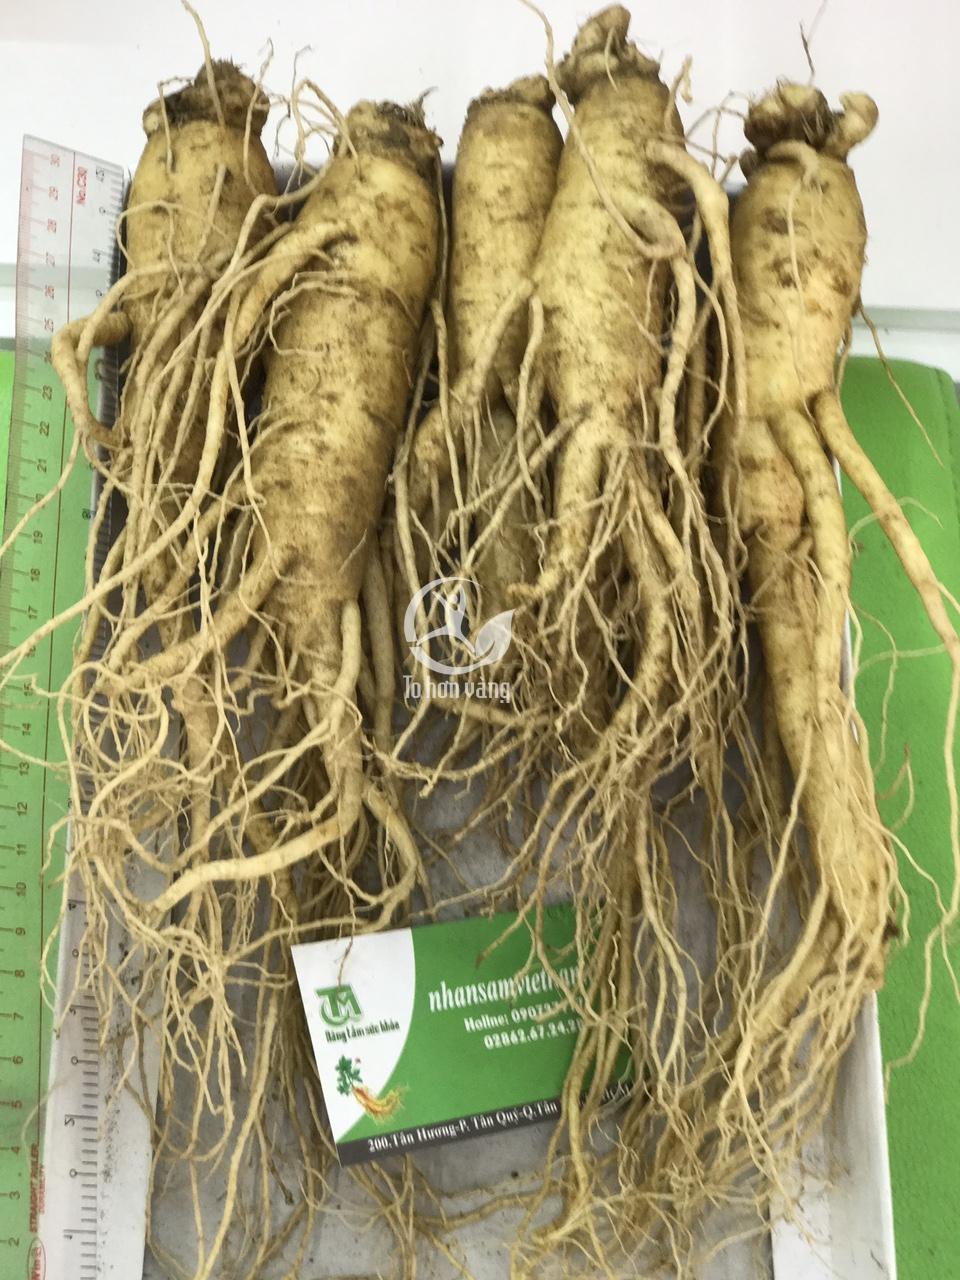 Sâm tươi 700 gram 5 củ chứa đầy đủ các chất dinh dưỡng của sâm tươi 6 năm tuổi